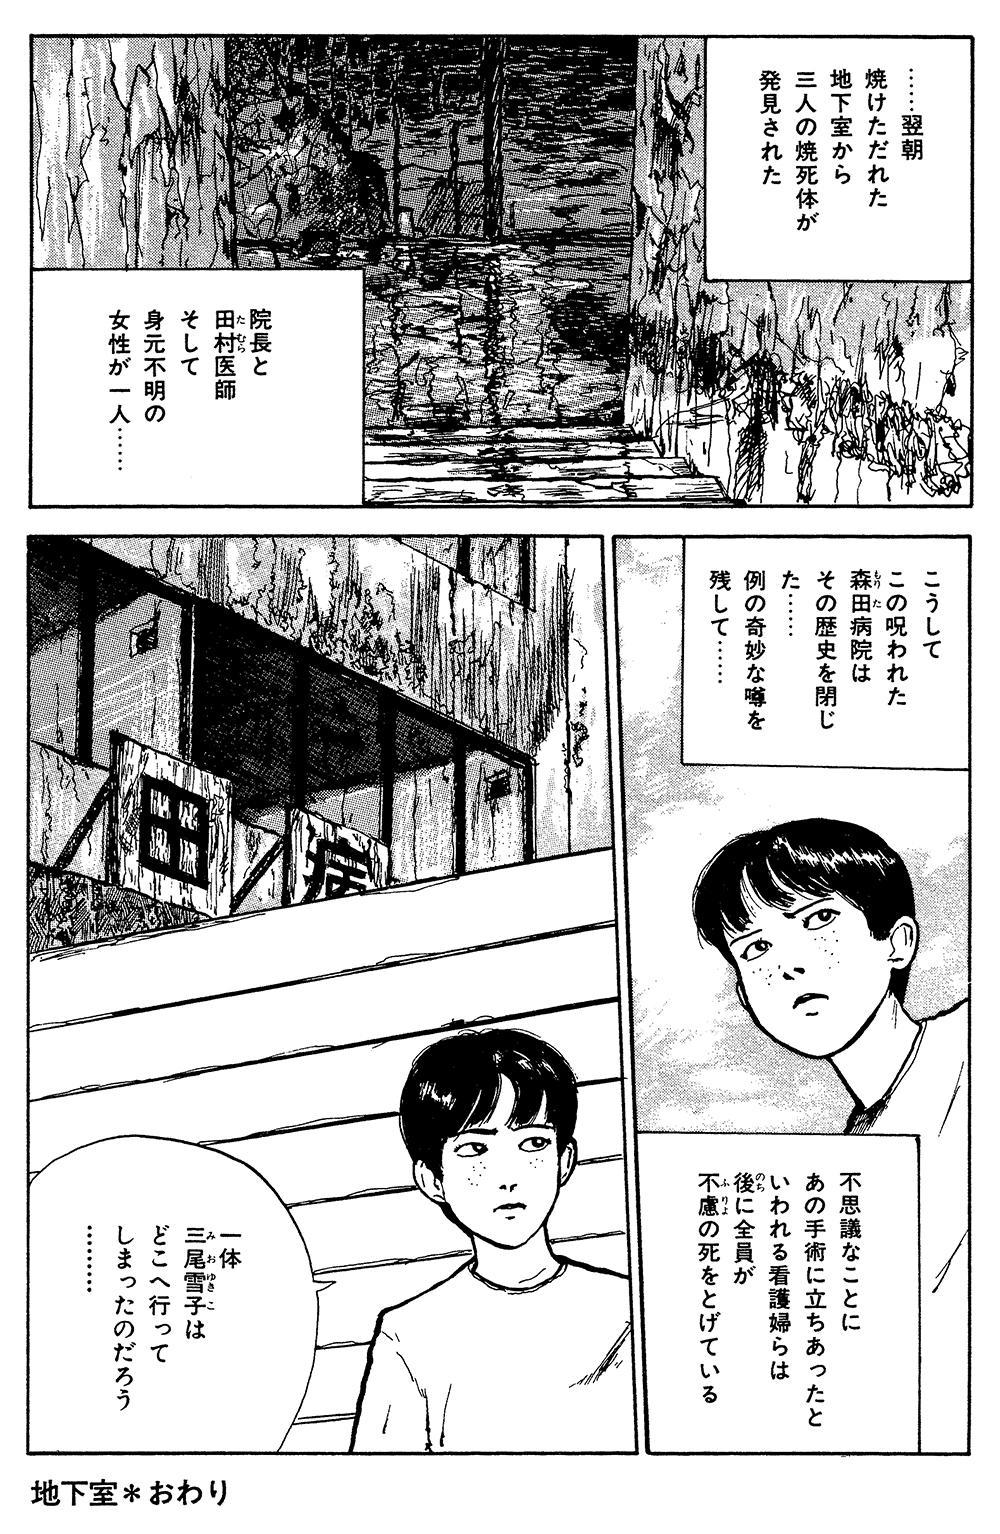 伊藤潤二傑作集 第3話「富江 地下室」④junji09-13.jpg